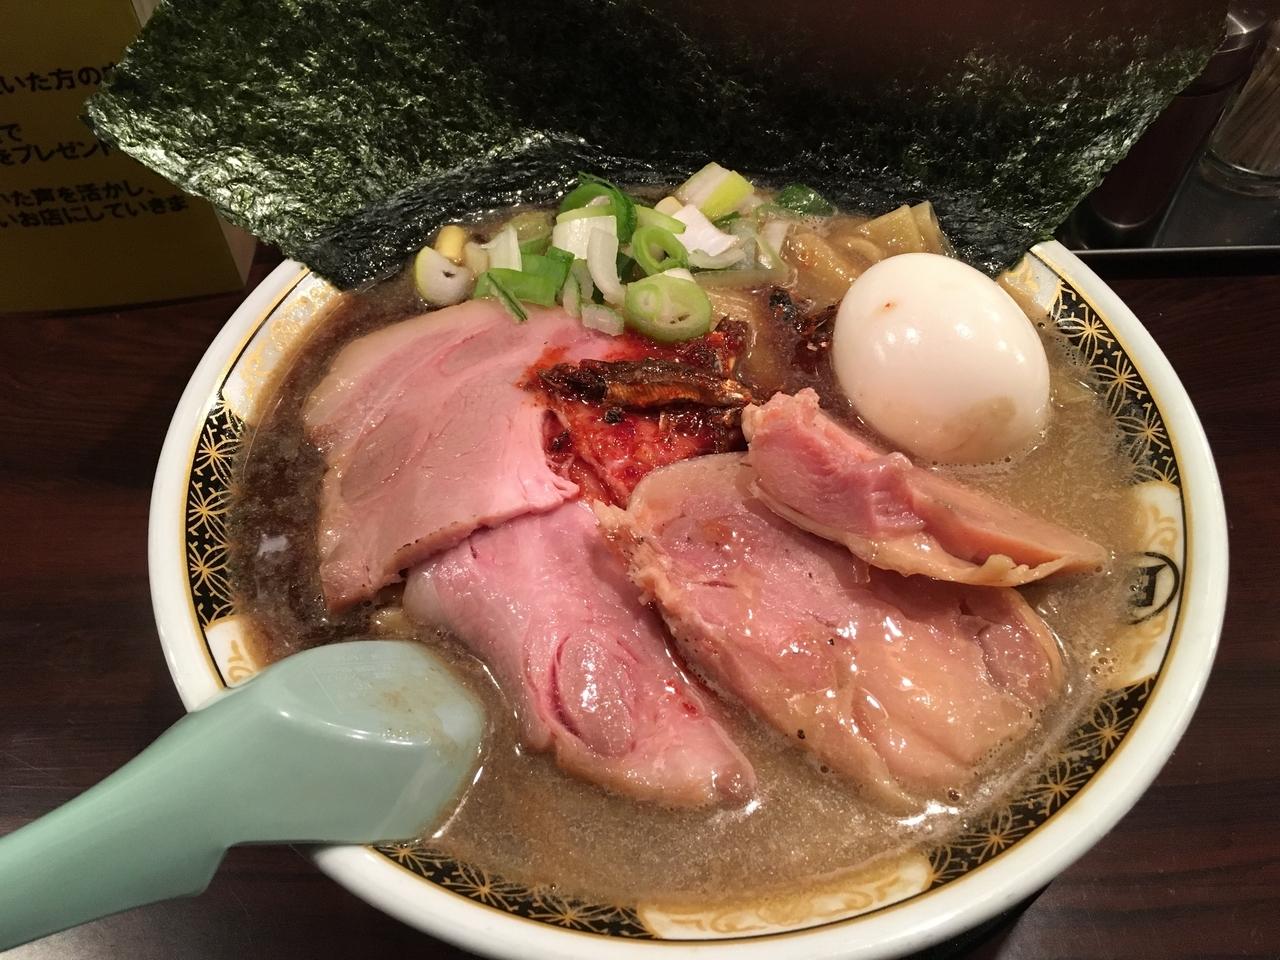 味噌や醤油、鶏白湯系も全て揃う!日本一の摩天楼「西新宿」に潜むラーメン店8選